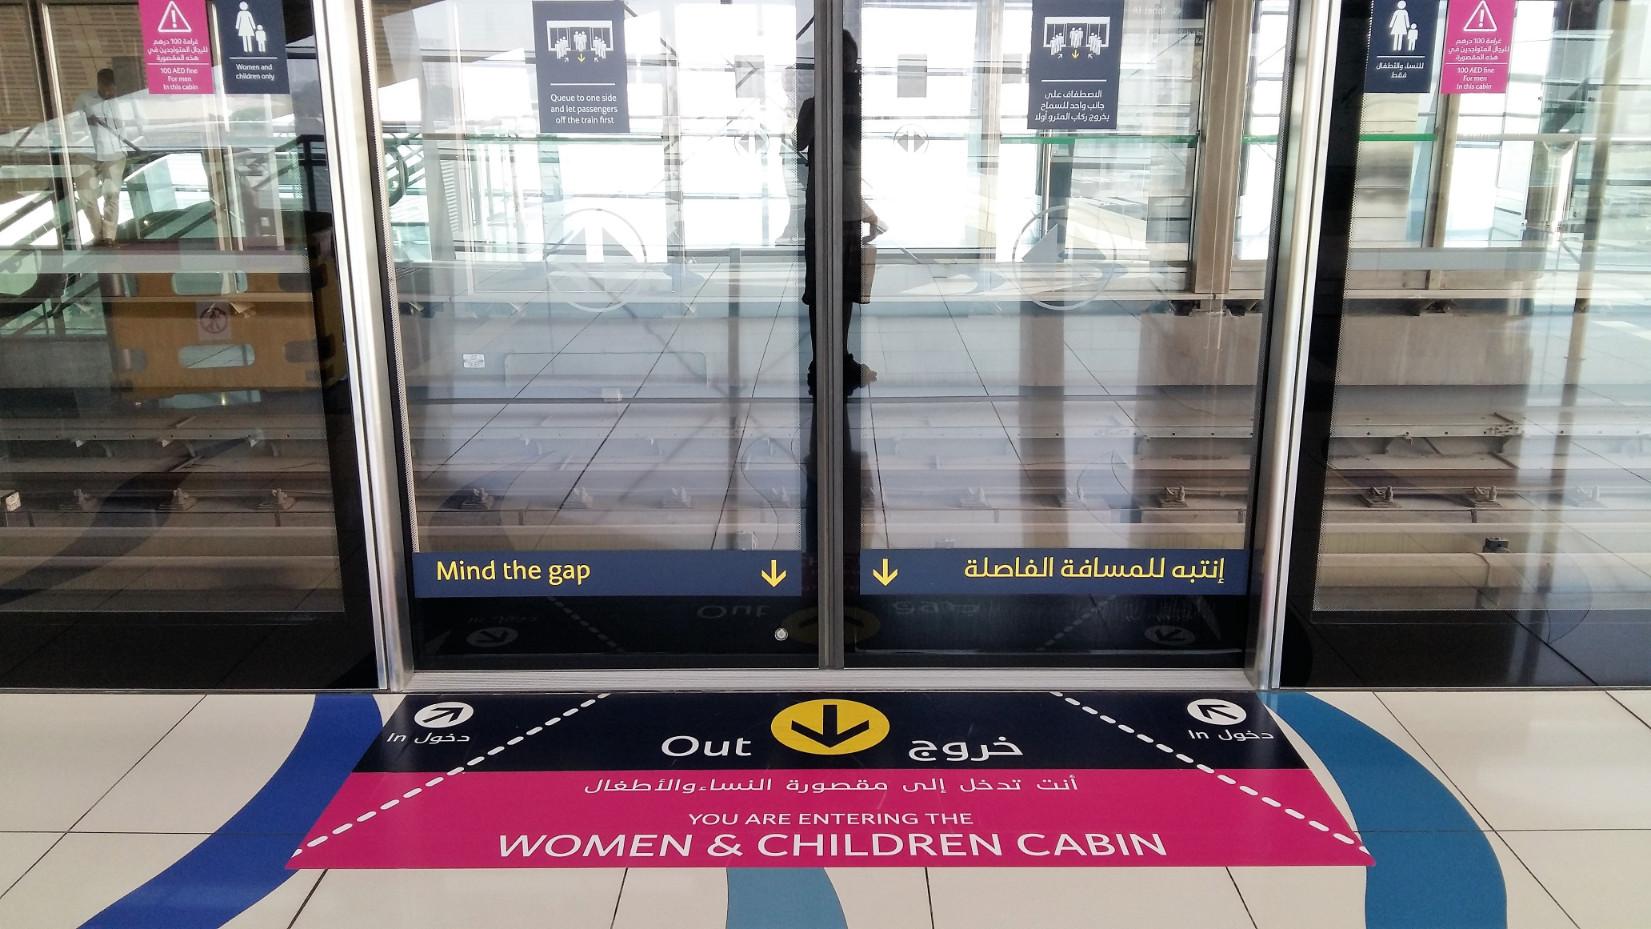 A nők és gyerekek számára fenntartott rész bejárata